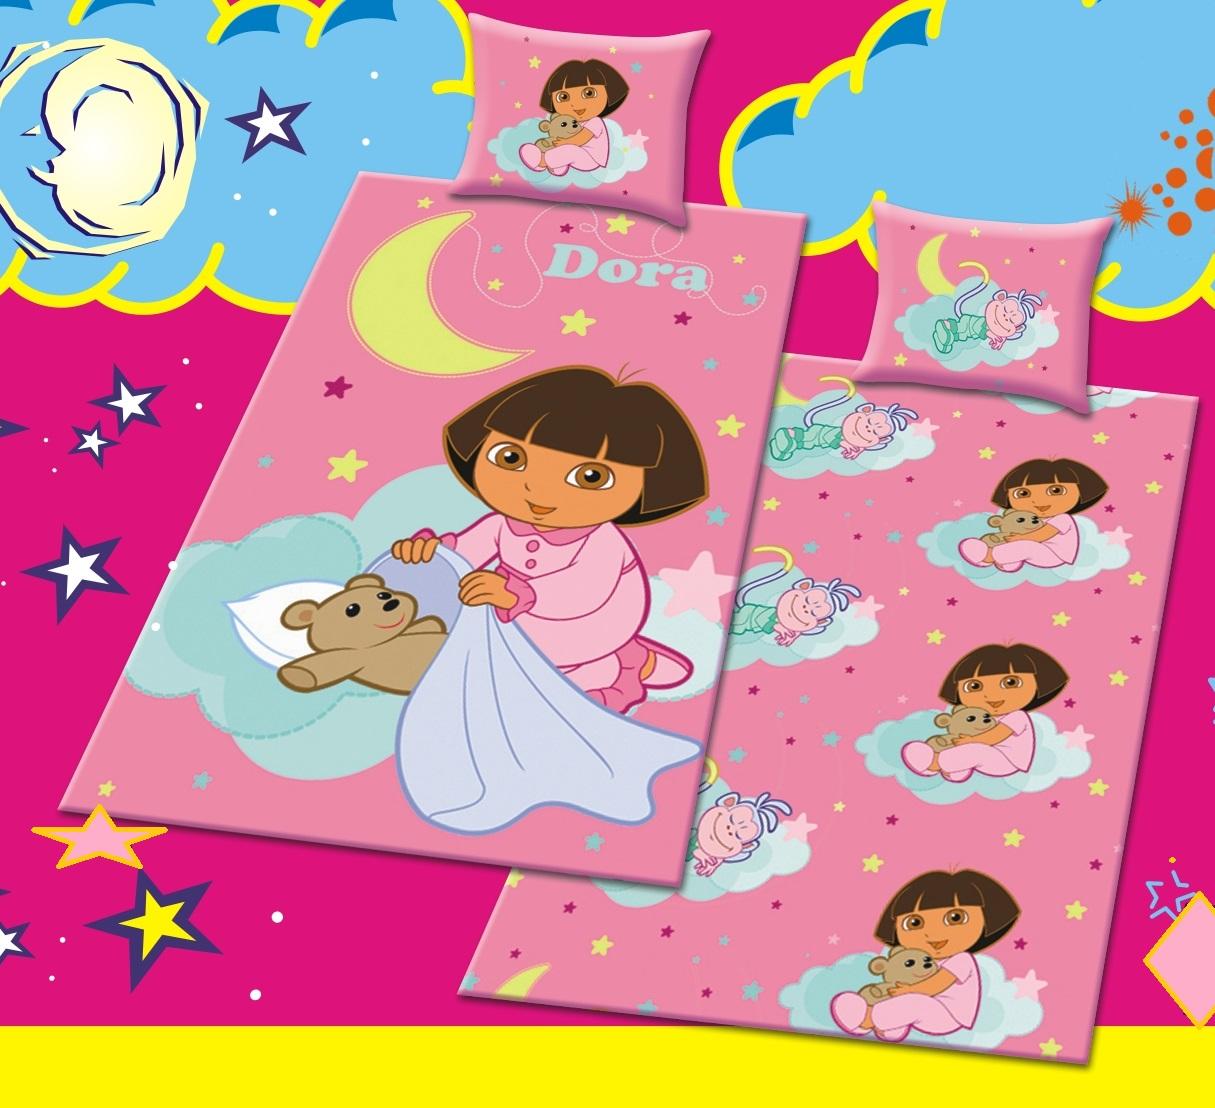 Σετ 3 Τεμαχίων Σεντόνια Παιδικά Dora – ZBRITTA – 9-Κ.16